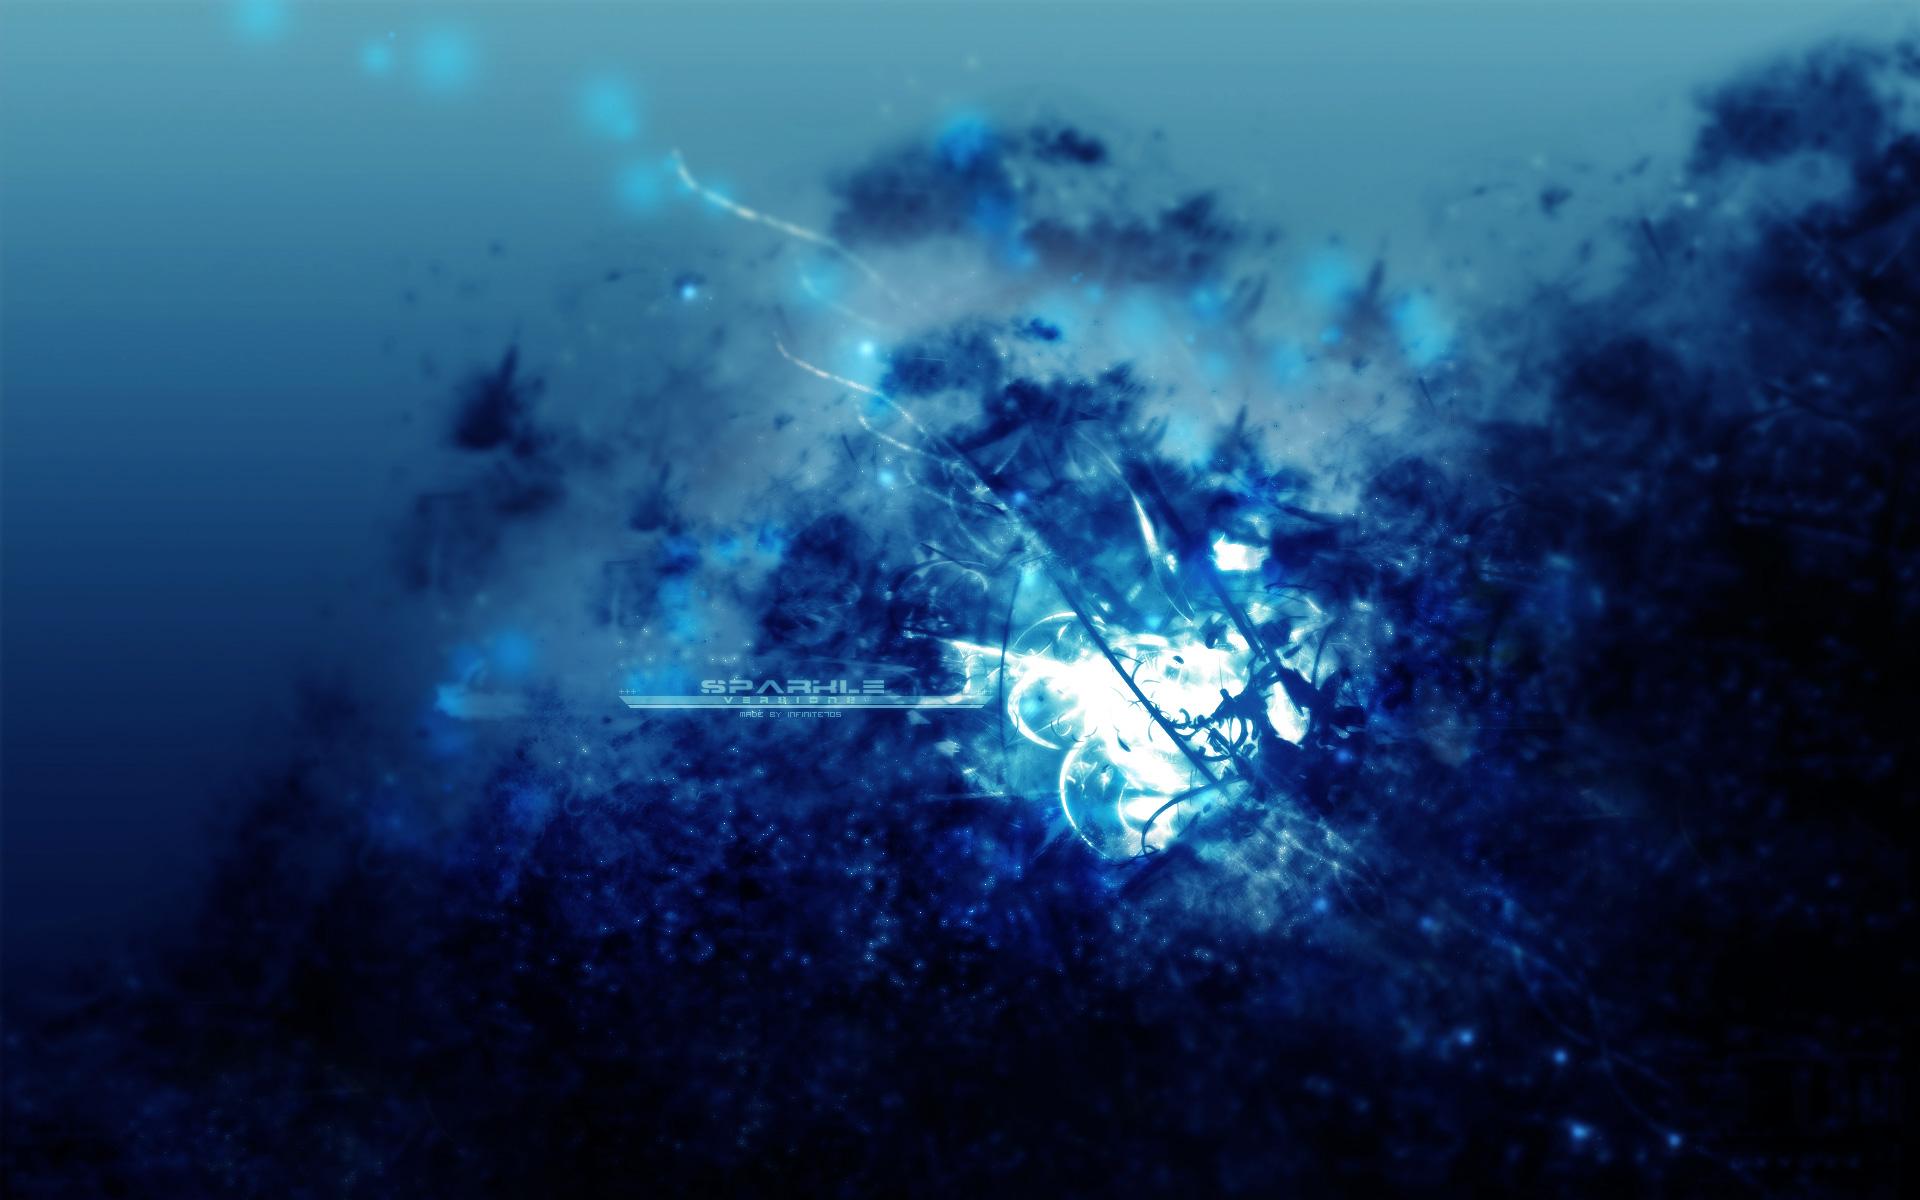 Sparkle V2 by Infinite705